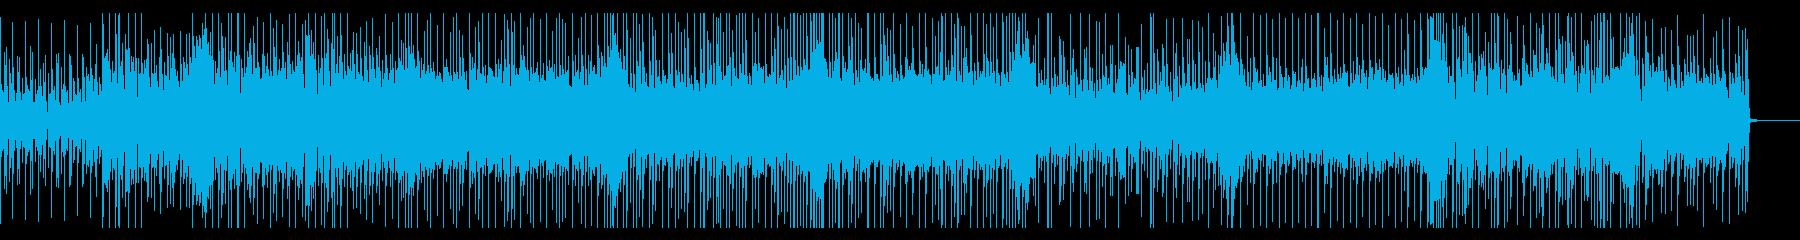 明るく軽快なリズムのポップスの再生済みの波形